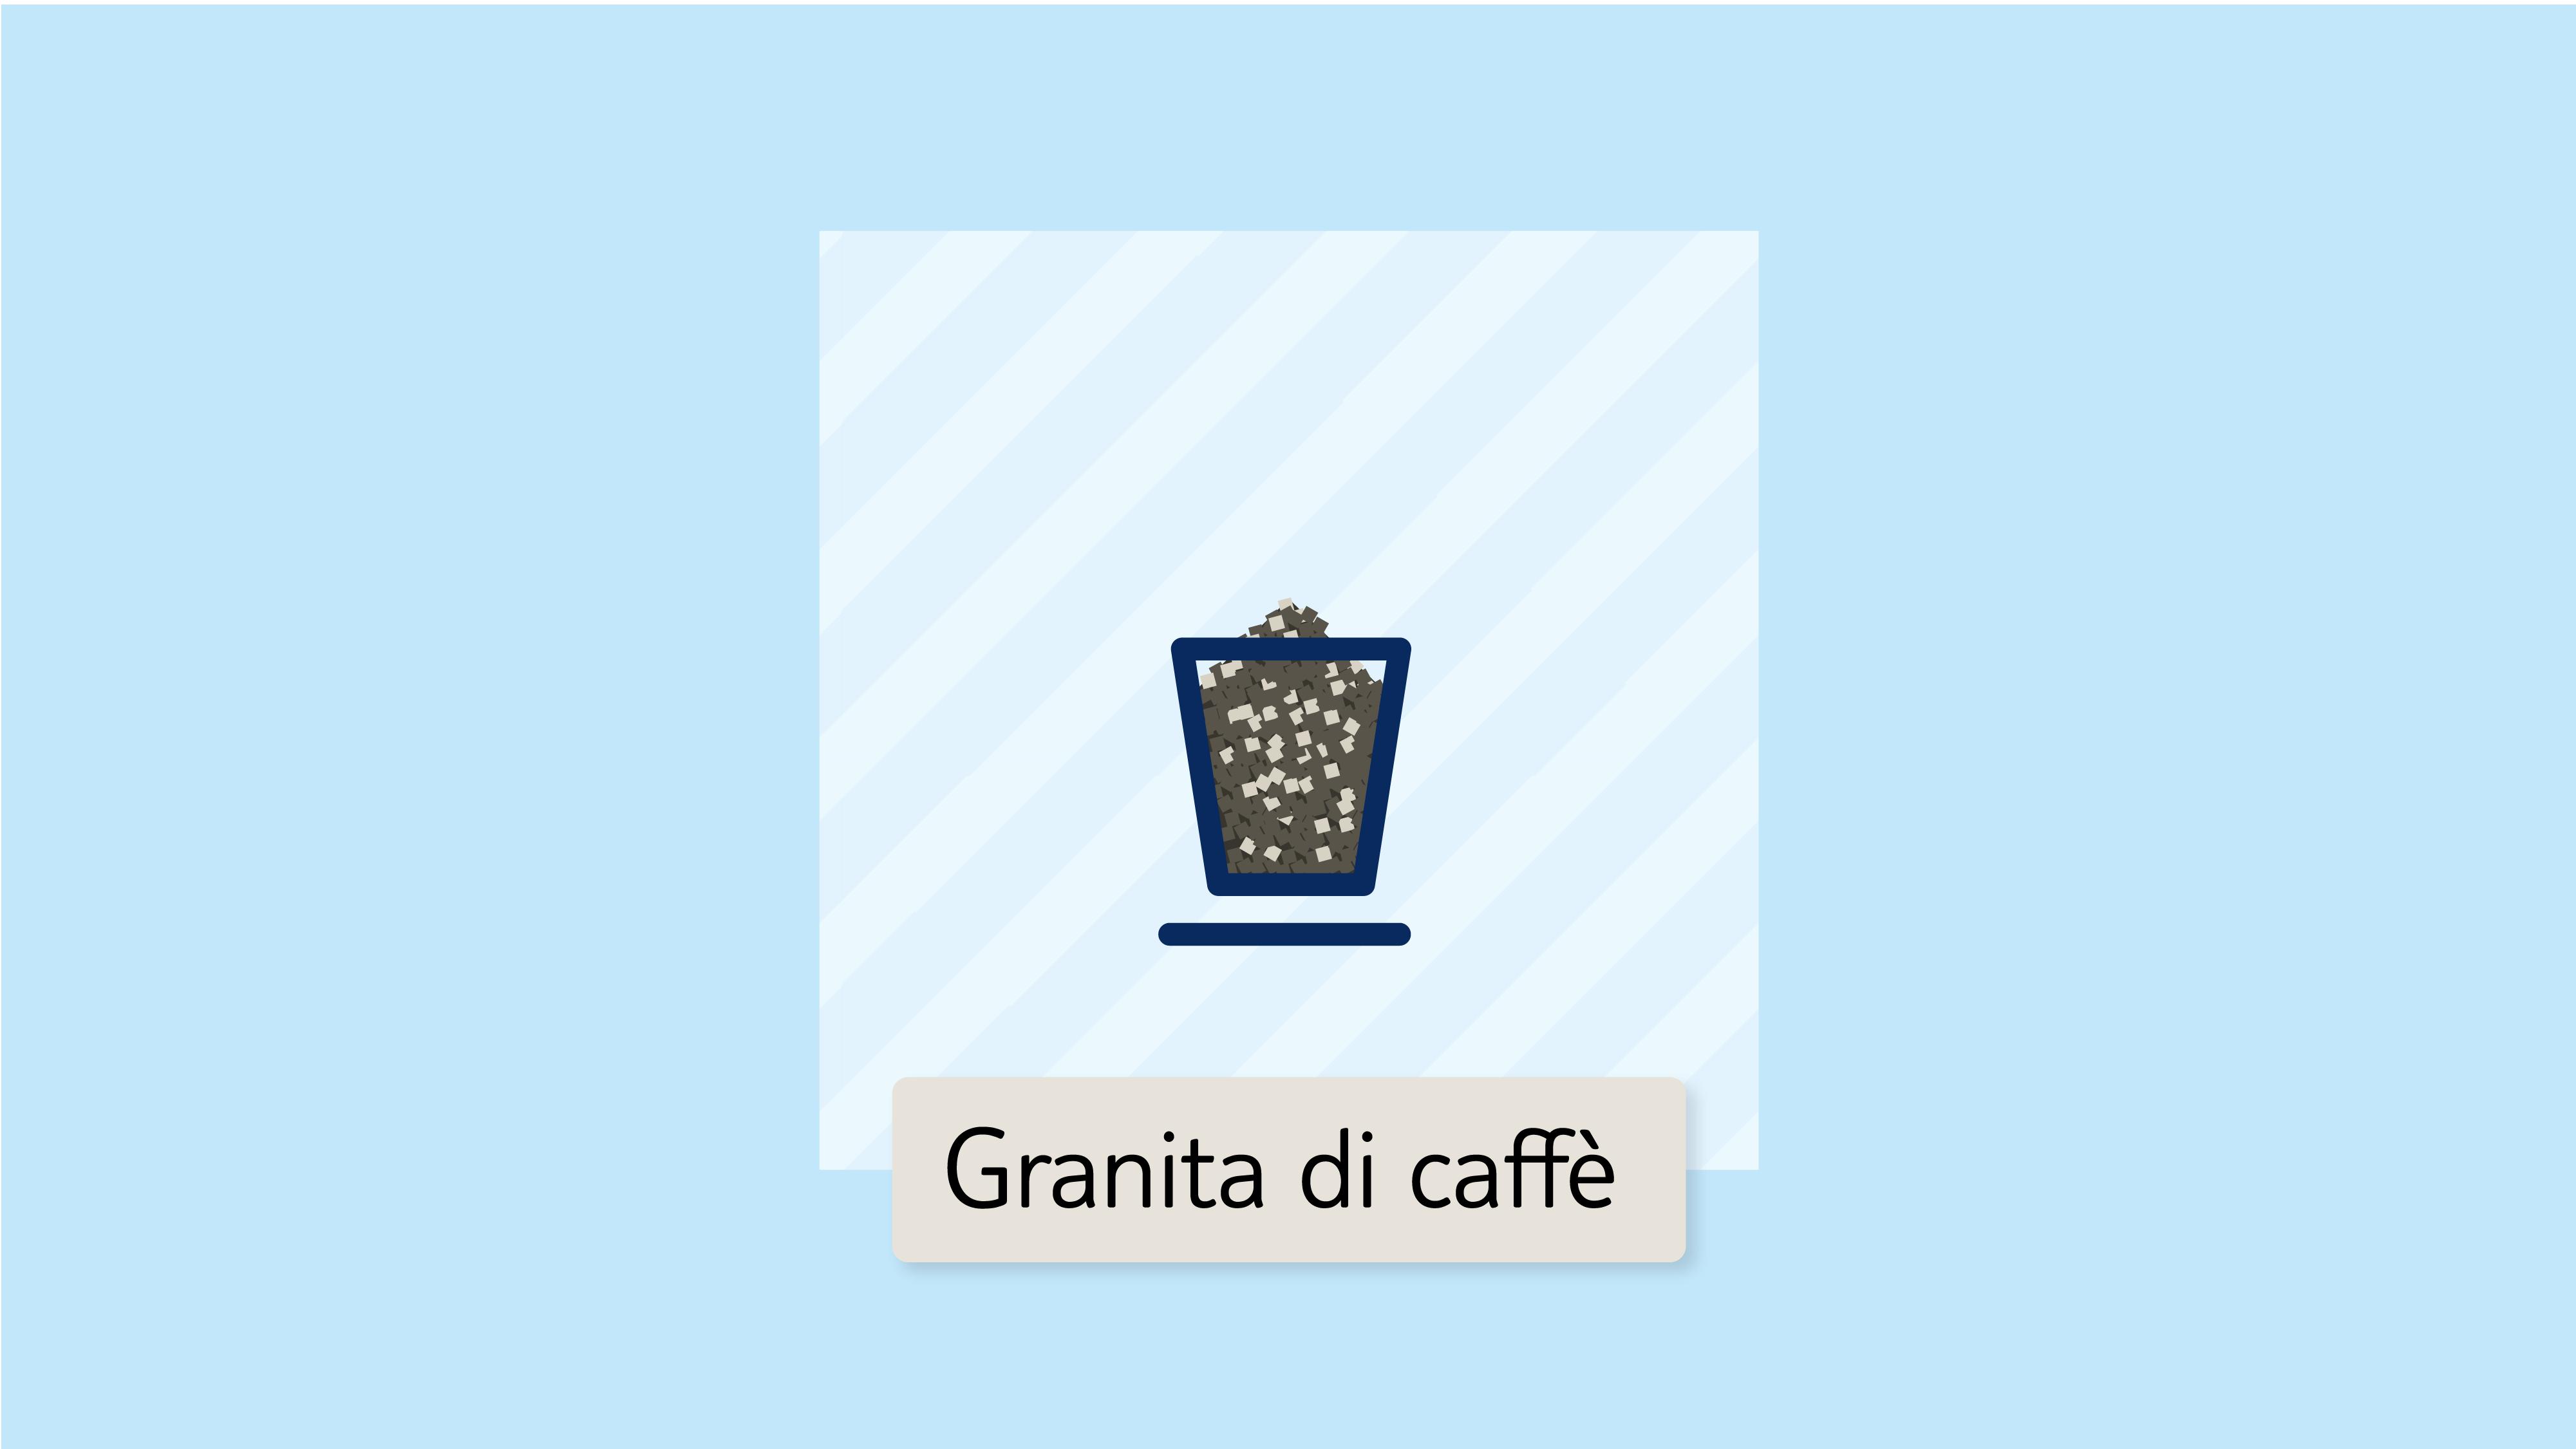 Granita di caffe